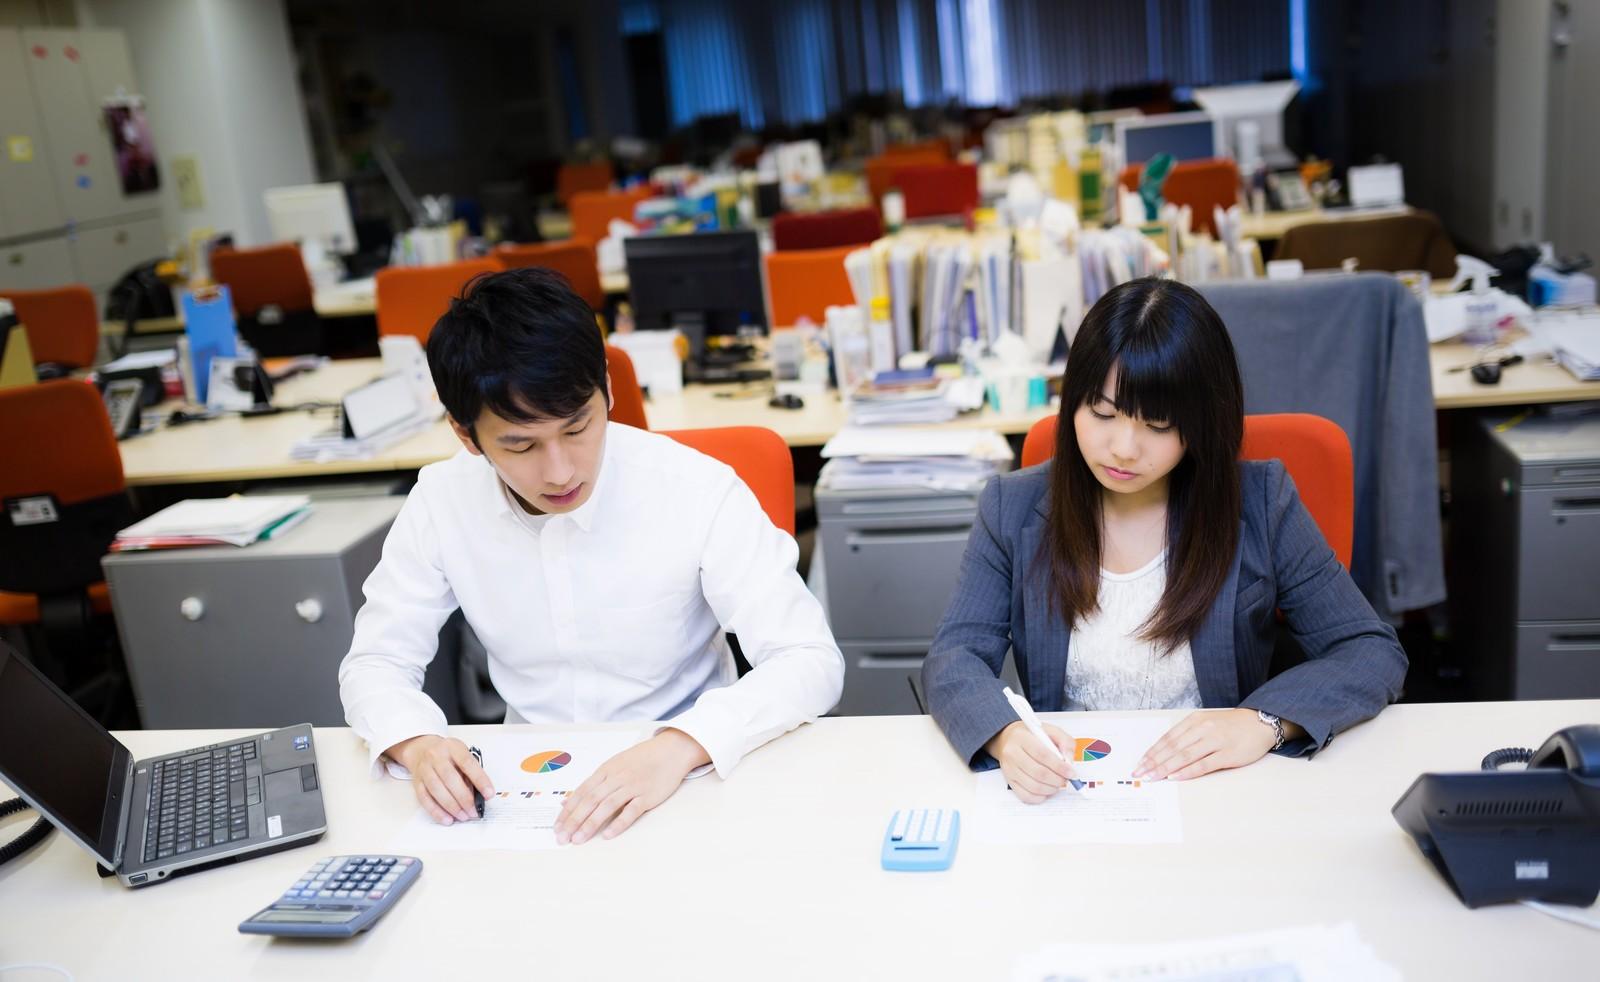 誇張到不行!台灣慣老闆跑到日本發威啦! 網路求才陷阱 Part.1